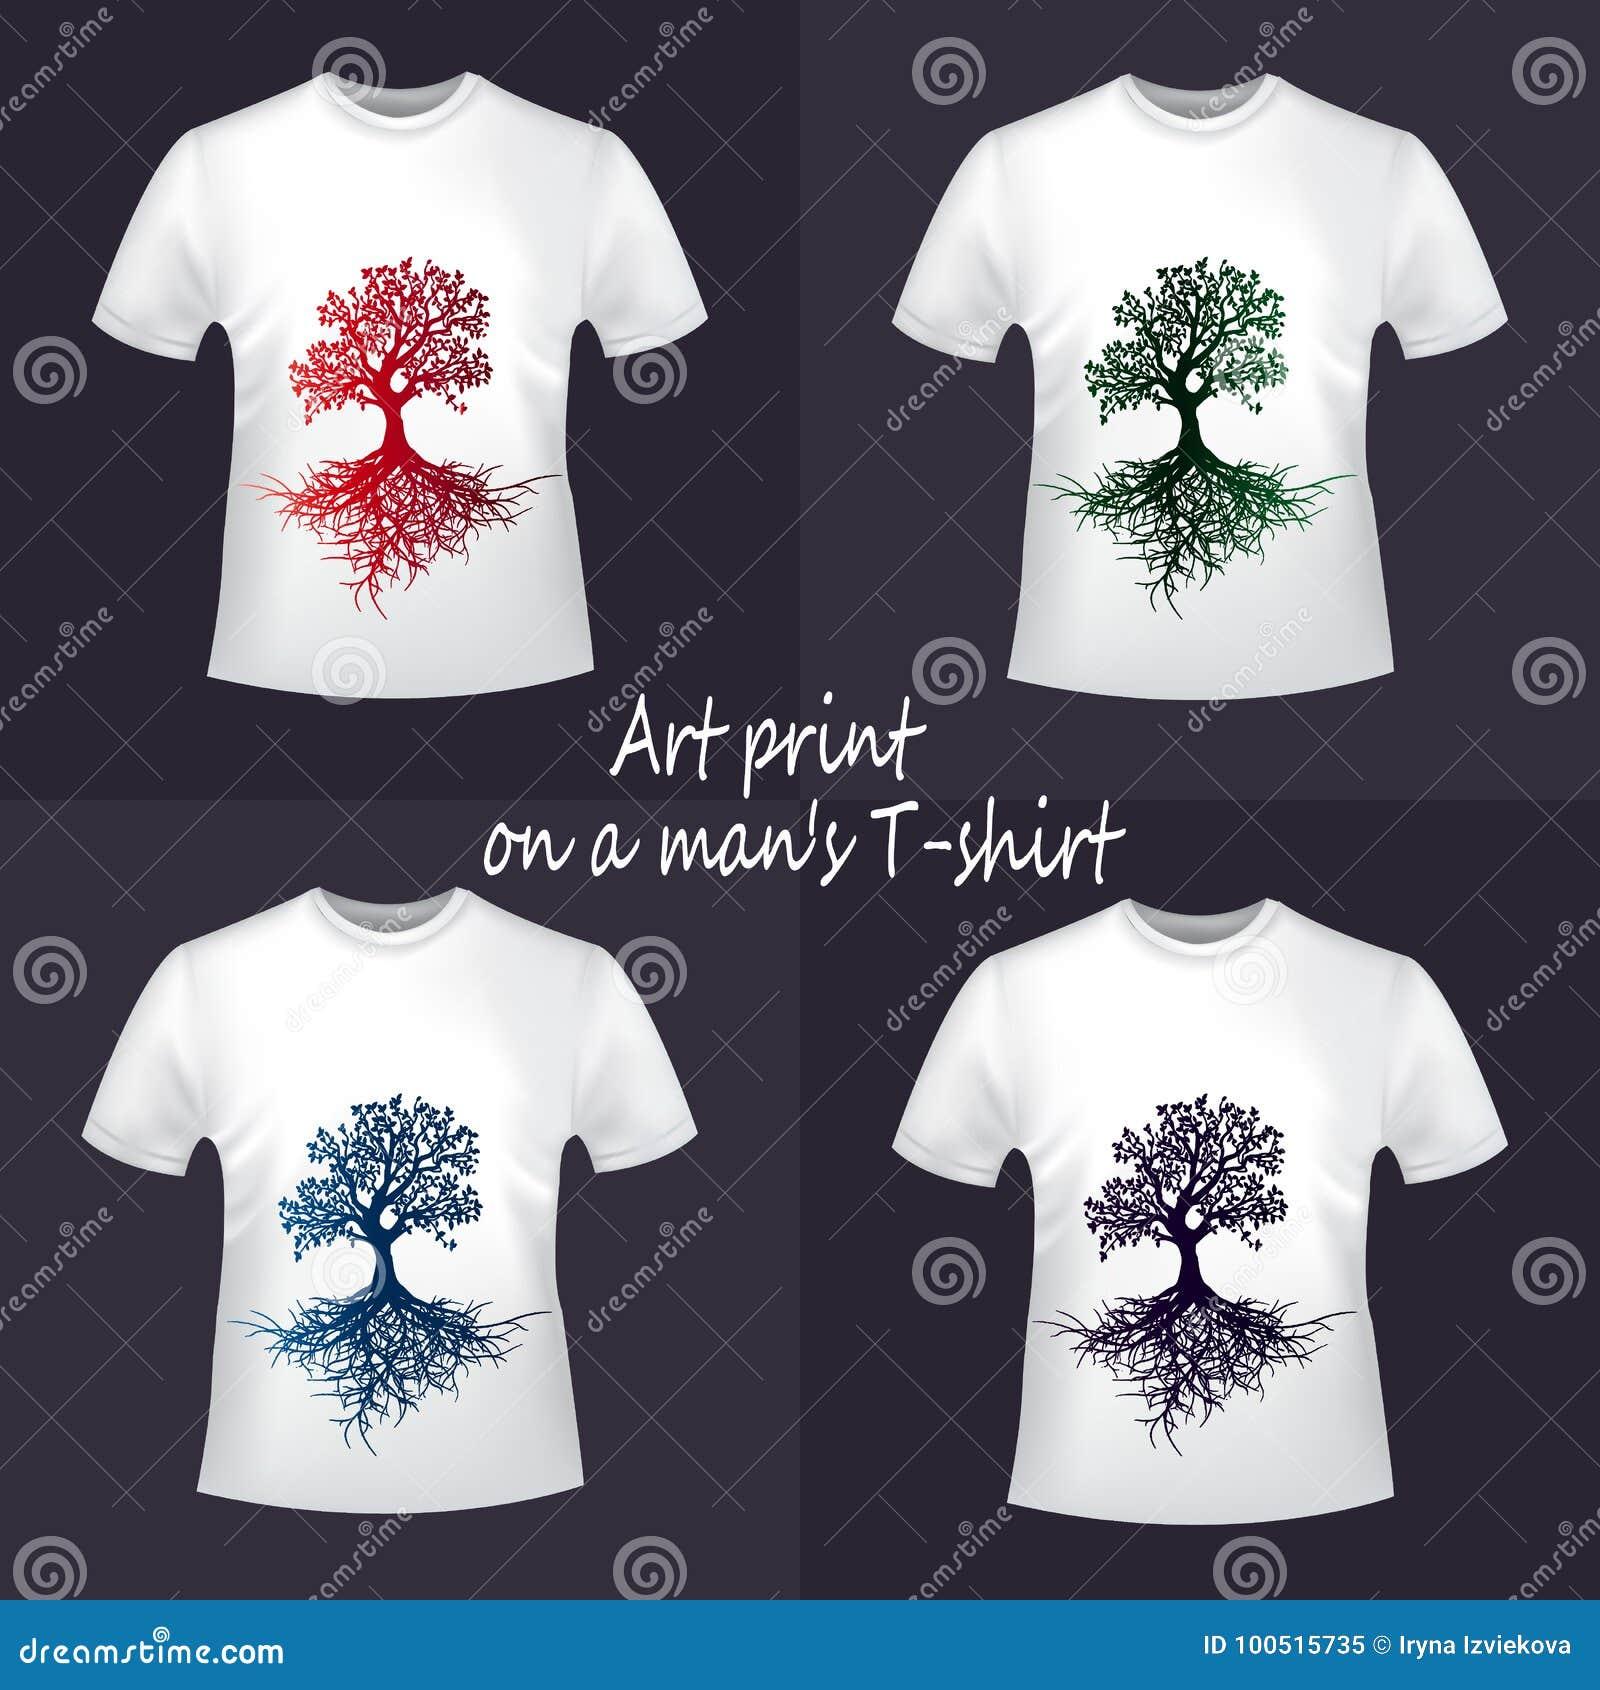 f68011d0ed30 Τέσσερις μπλούζες με μια δημιουργική τυπωμένη ύλη κλίσης Μια όμορφη ιδέα  για την εκτύπωση Αστικό ύφος νεολαίας